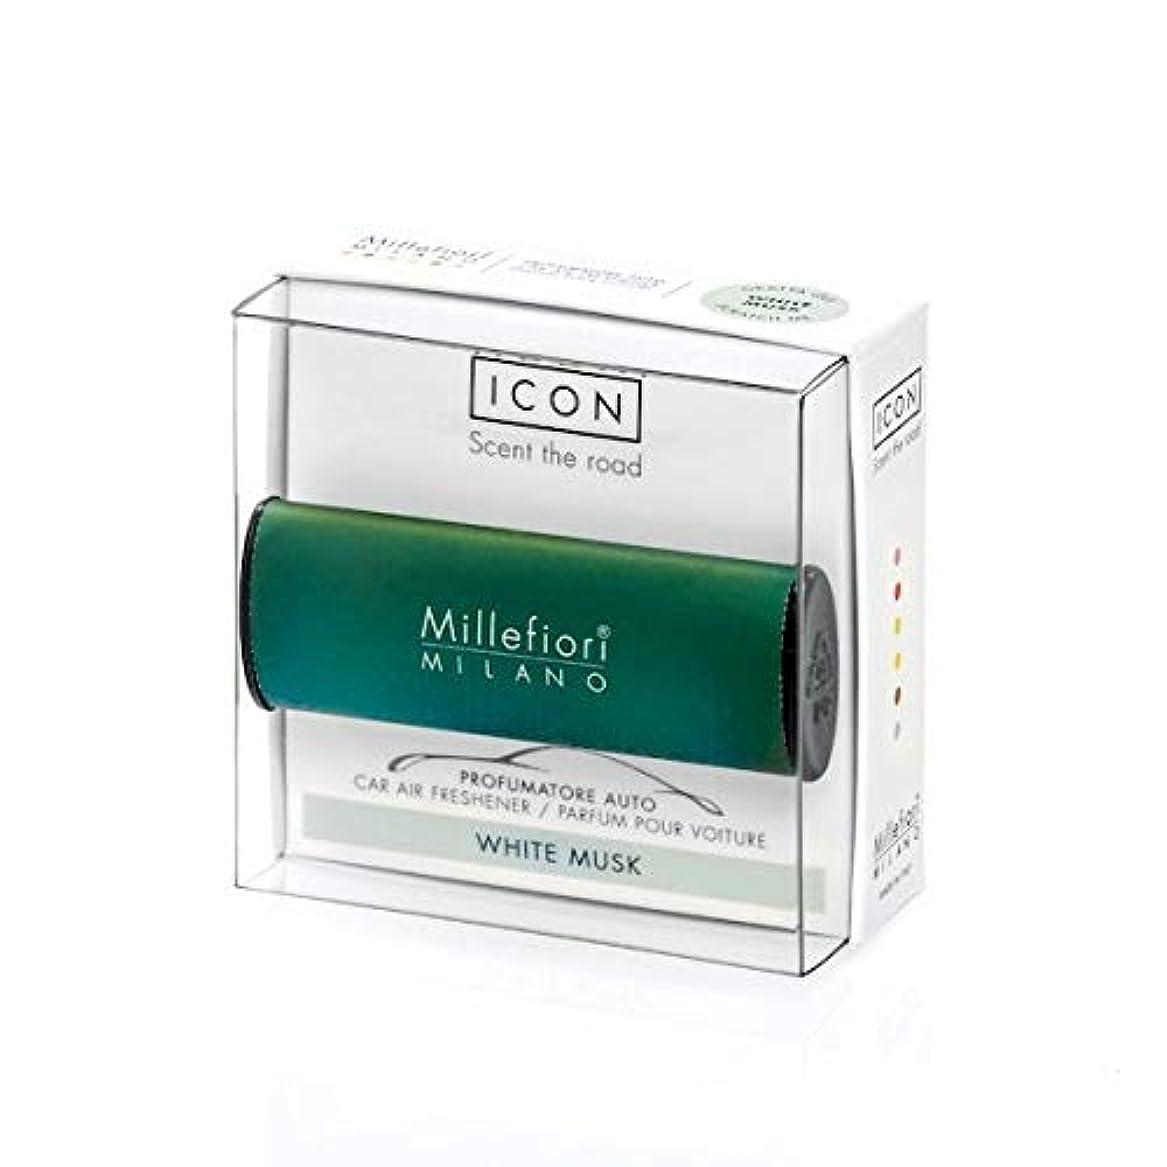 極端な次リードミッレフィオーリ(Millefiori) カーエアフレッシュナー ICON CLASSIC GREEN - ホワイトムスク(WHITE MUSK) [並行輸入品]